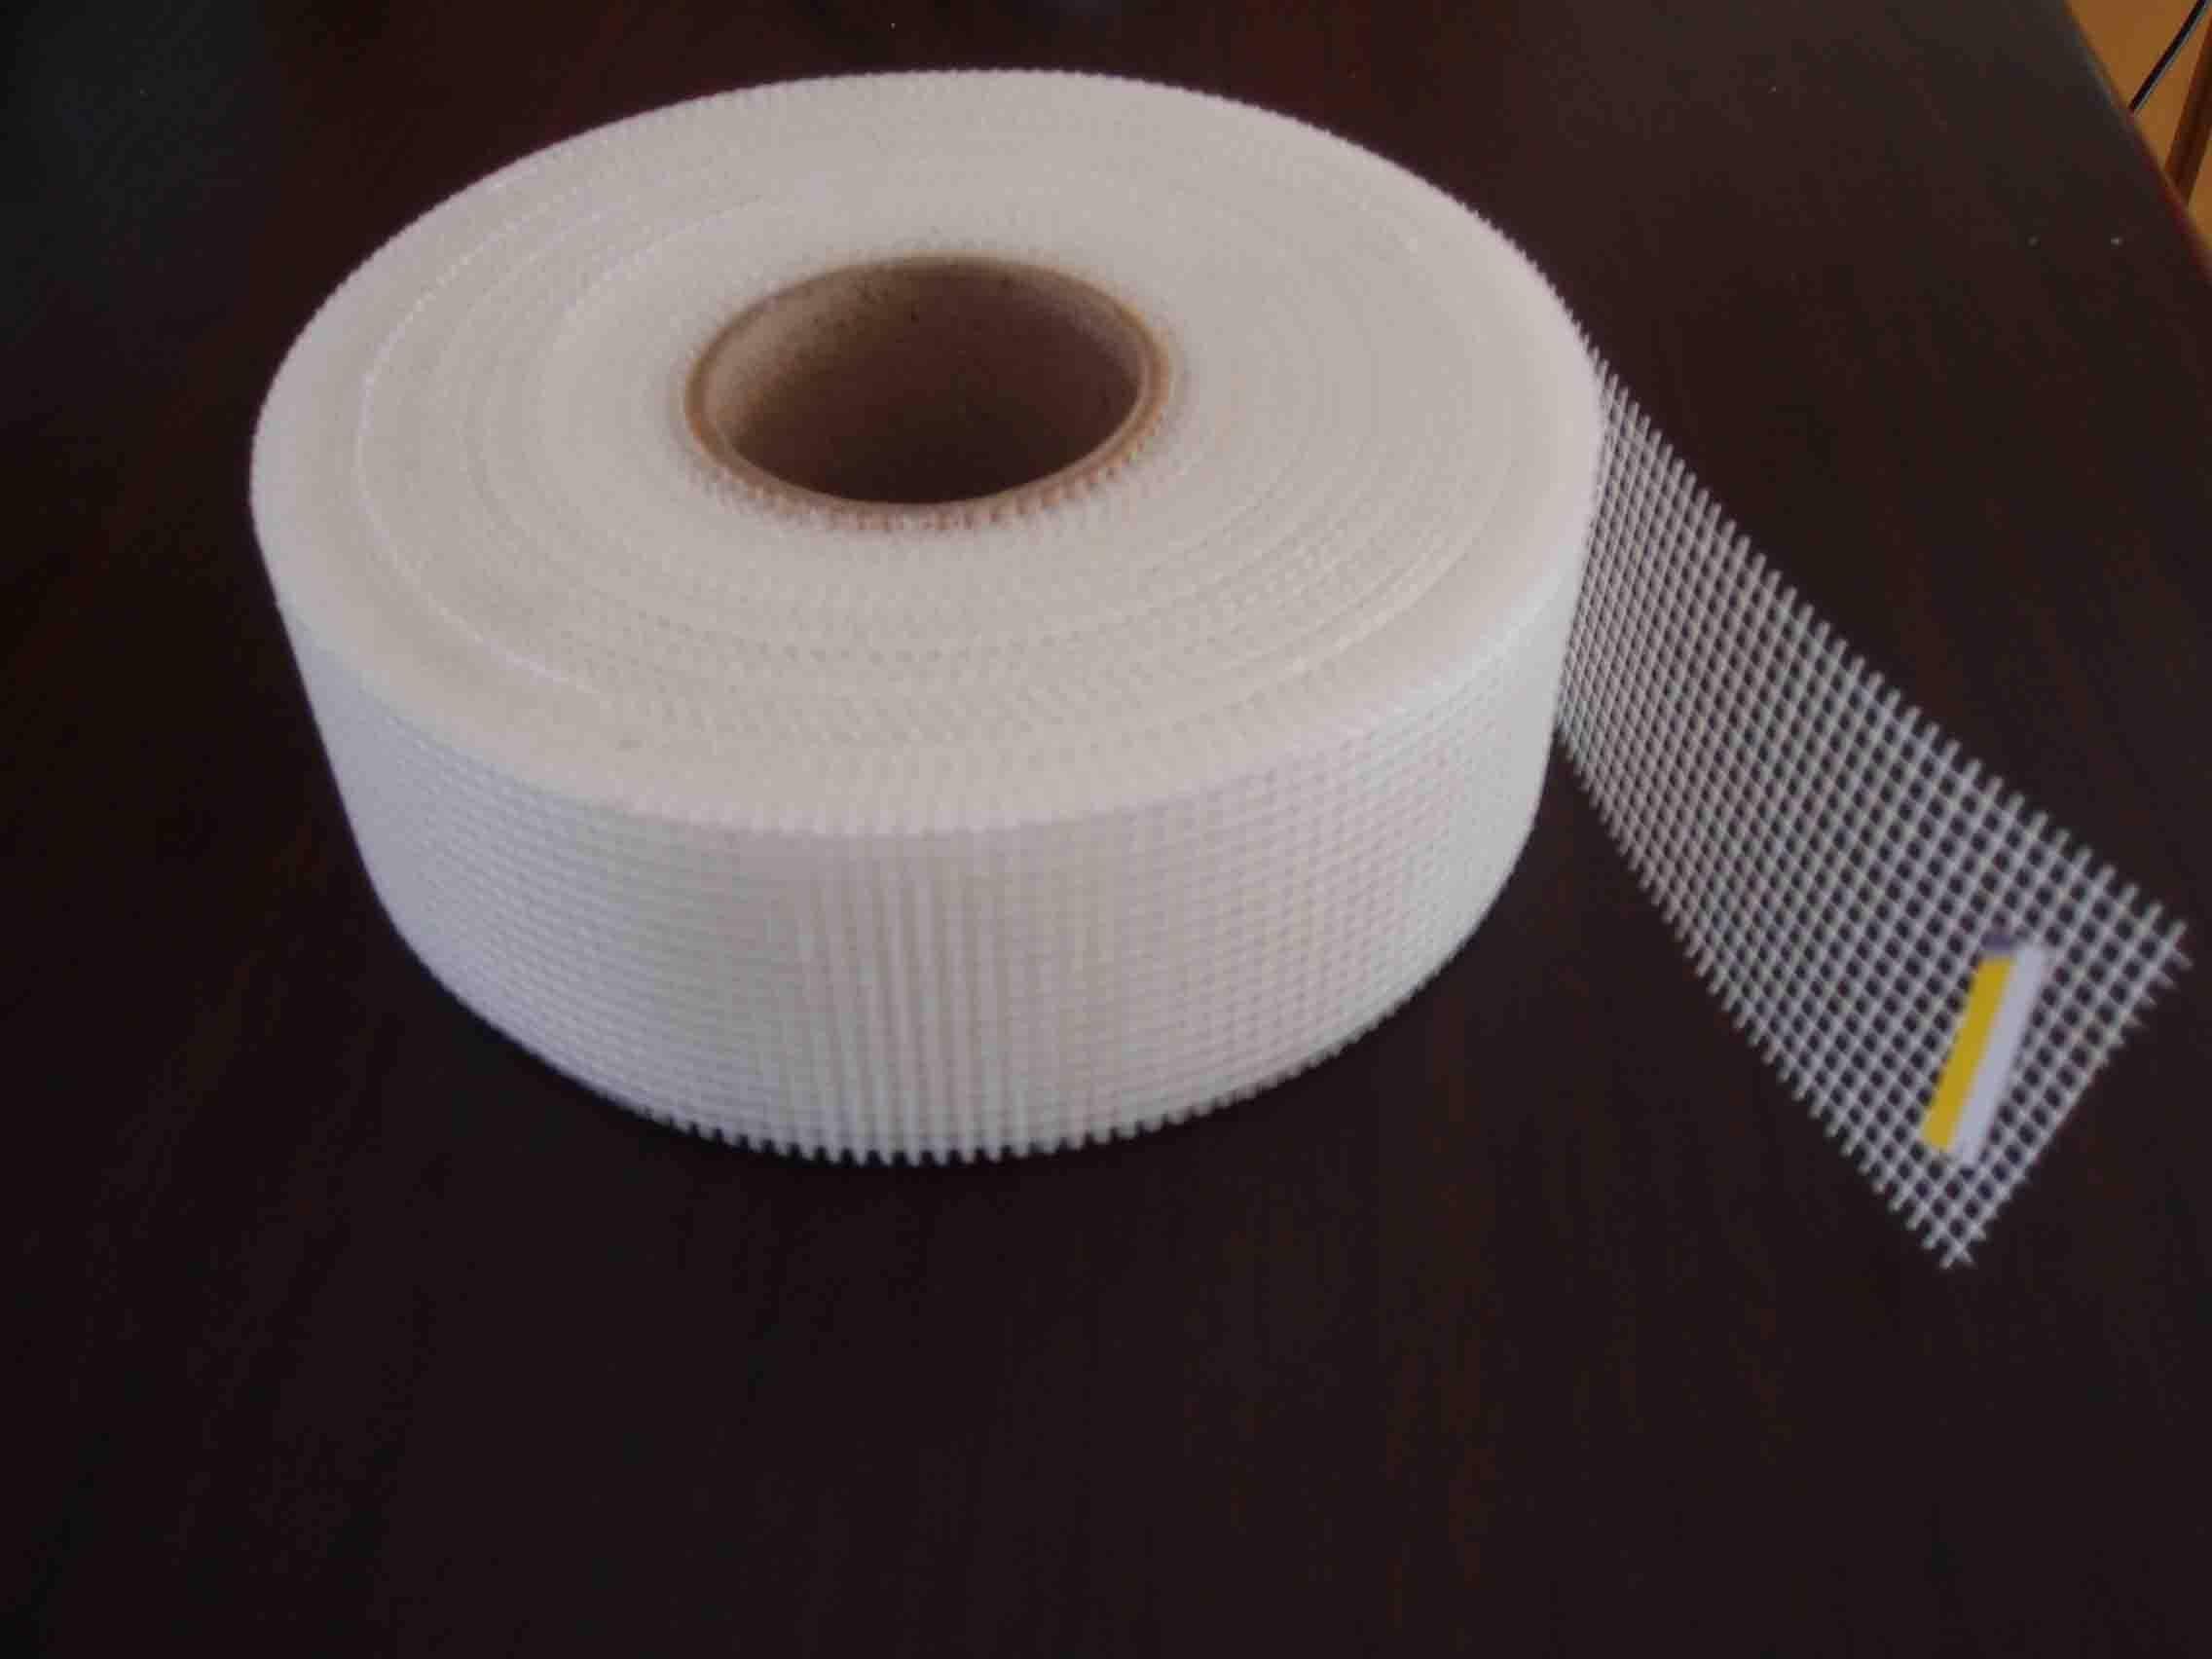 Fiberglass Mesh Tape : Fiberglass self adhesive mesh tape manson tools co ltd